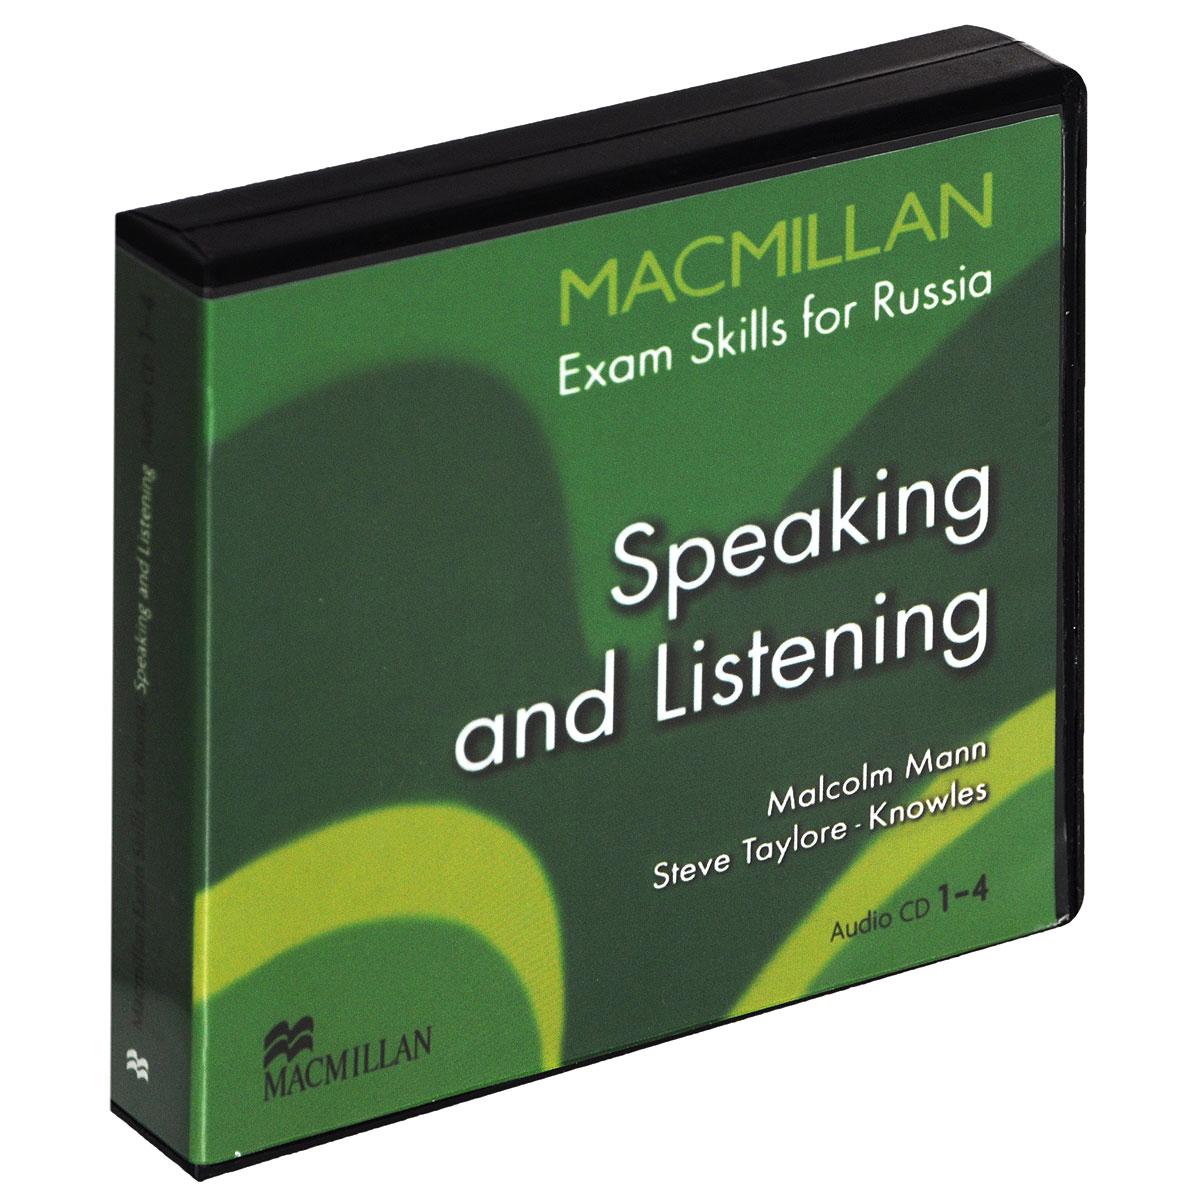 Macmillan Exam Skills for Russia: Speaking and Listening (аудиокурс на 4 CD) macmillan english 4 аудиокурс на 2 cd